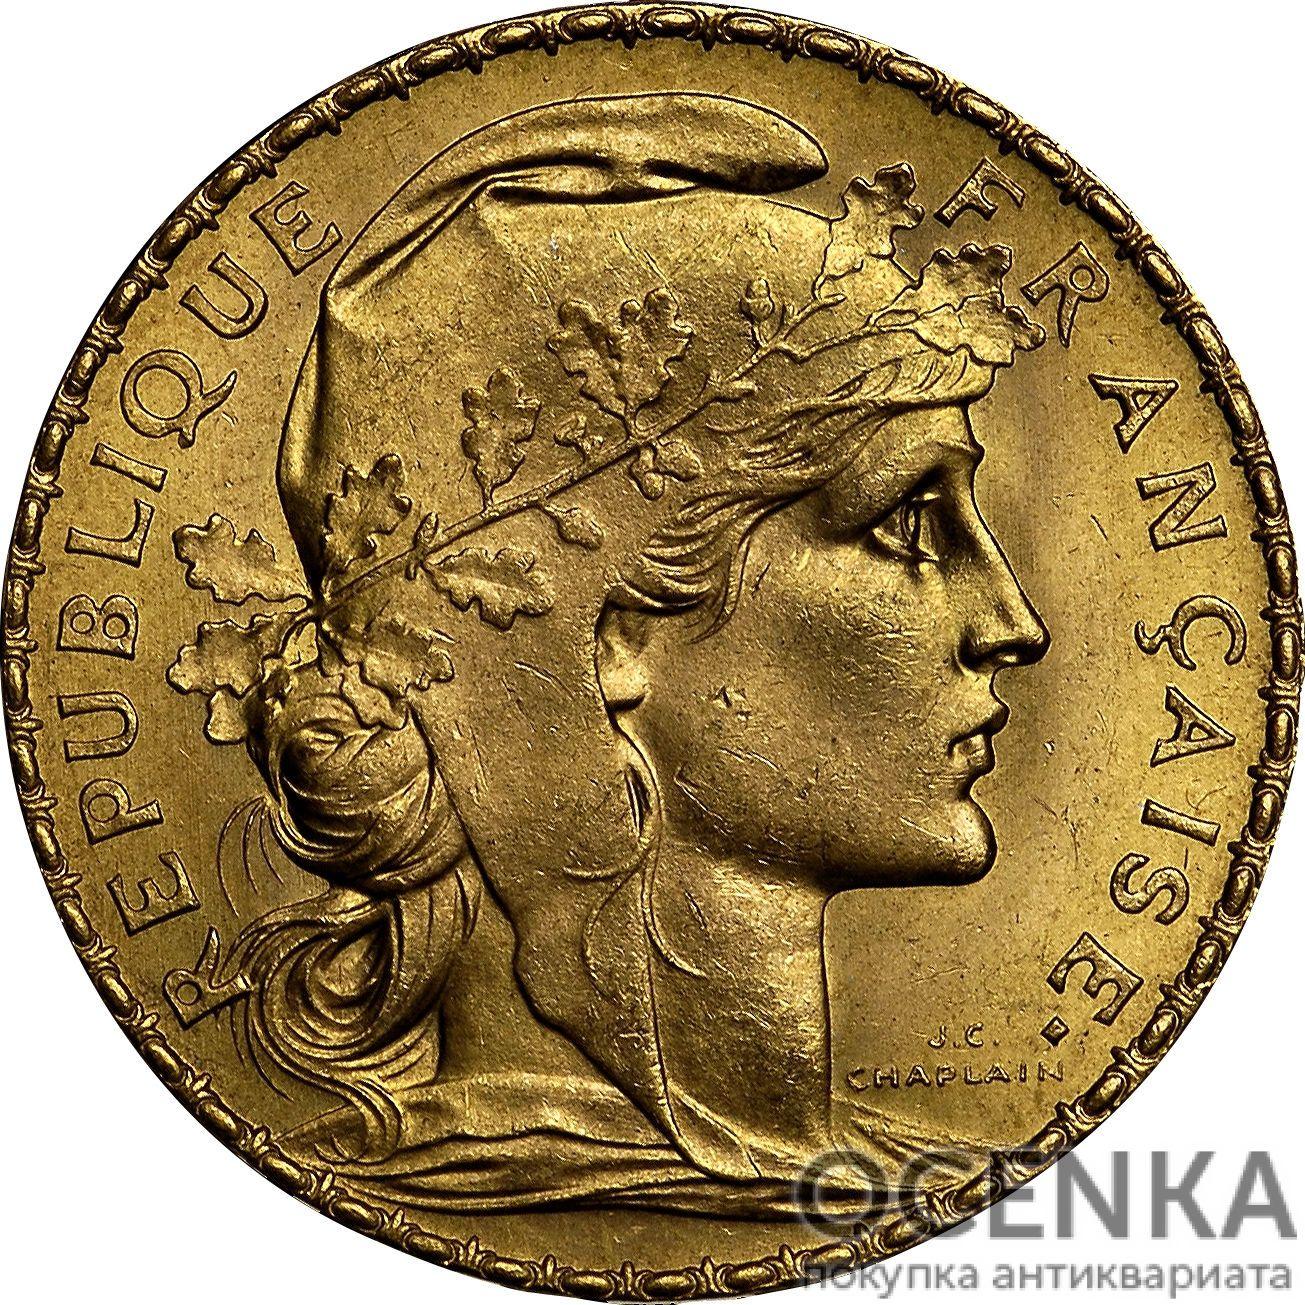 Золотая монета 20 Франков (20 Francs) Франция - 11